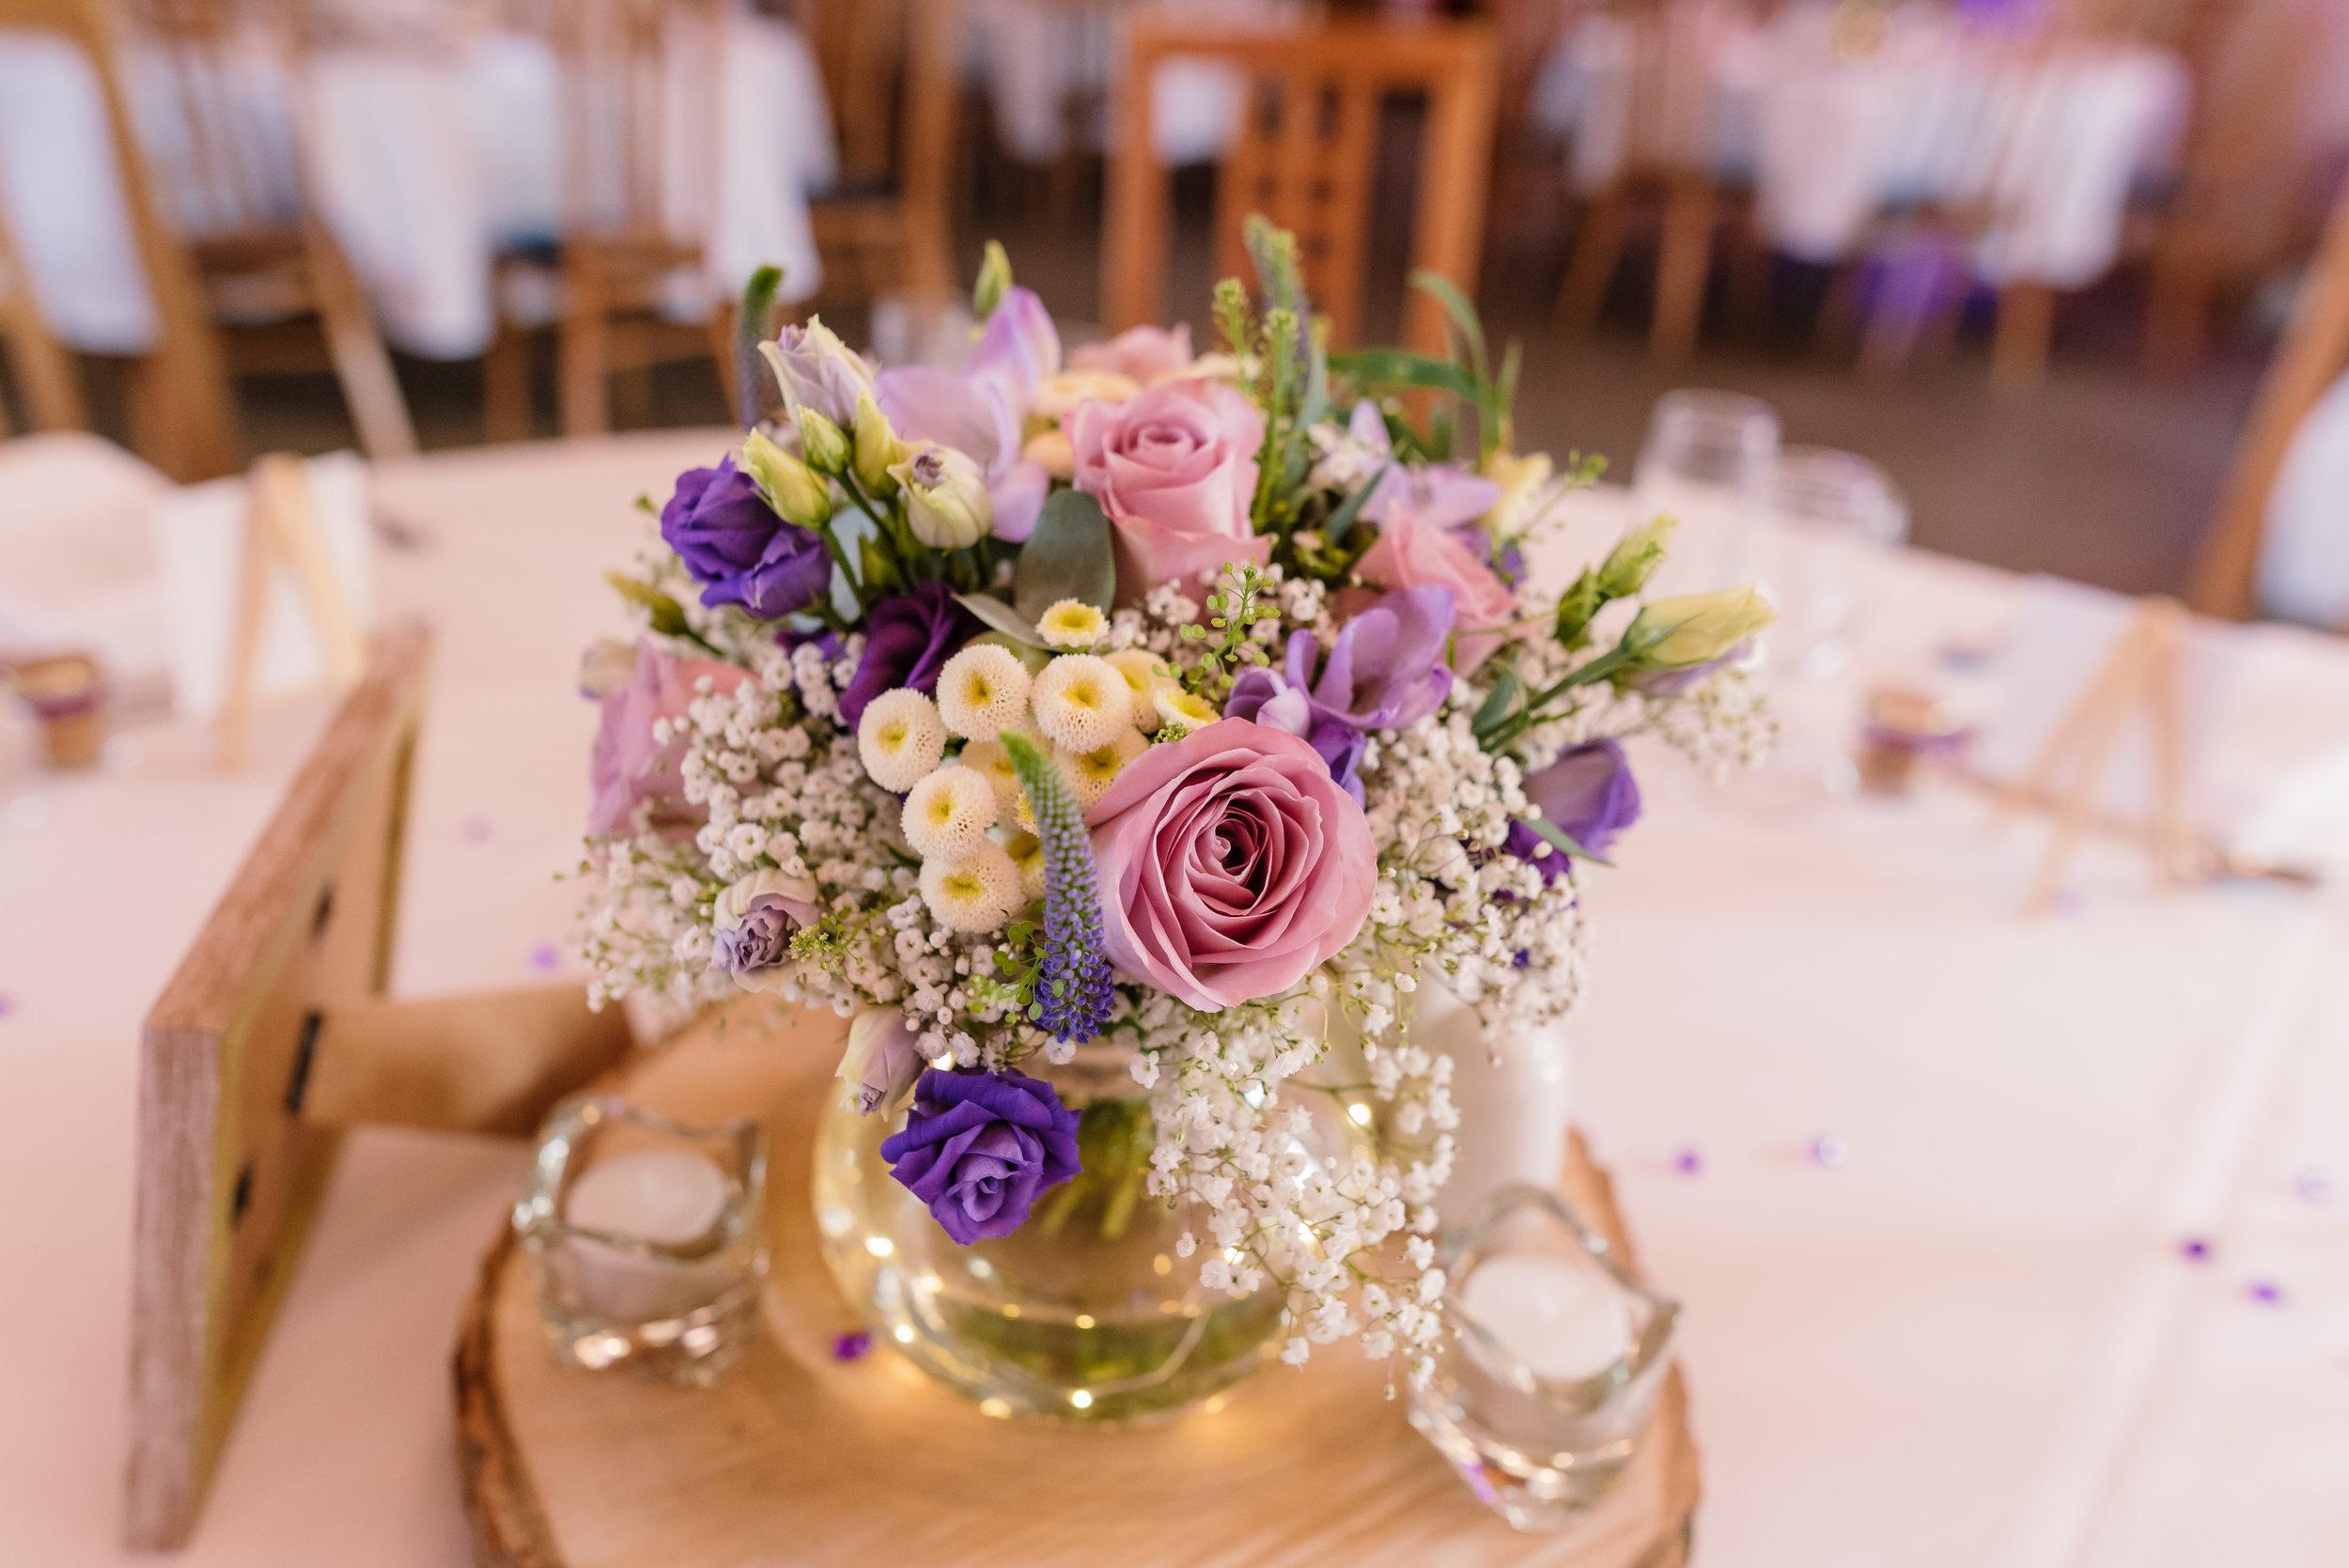 Hampshire Wedding Photographer Hampshire : Ufton-Court-Wedding : Barn-wedding-venue-hampshire : sarah-fishlock-photography : hampshire-barn-wedding-661.jpg